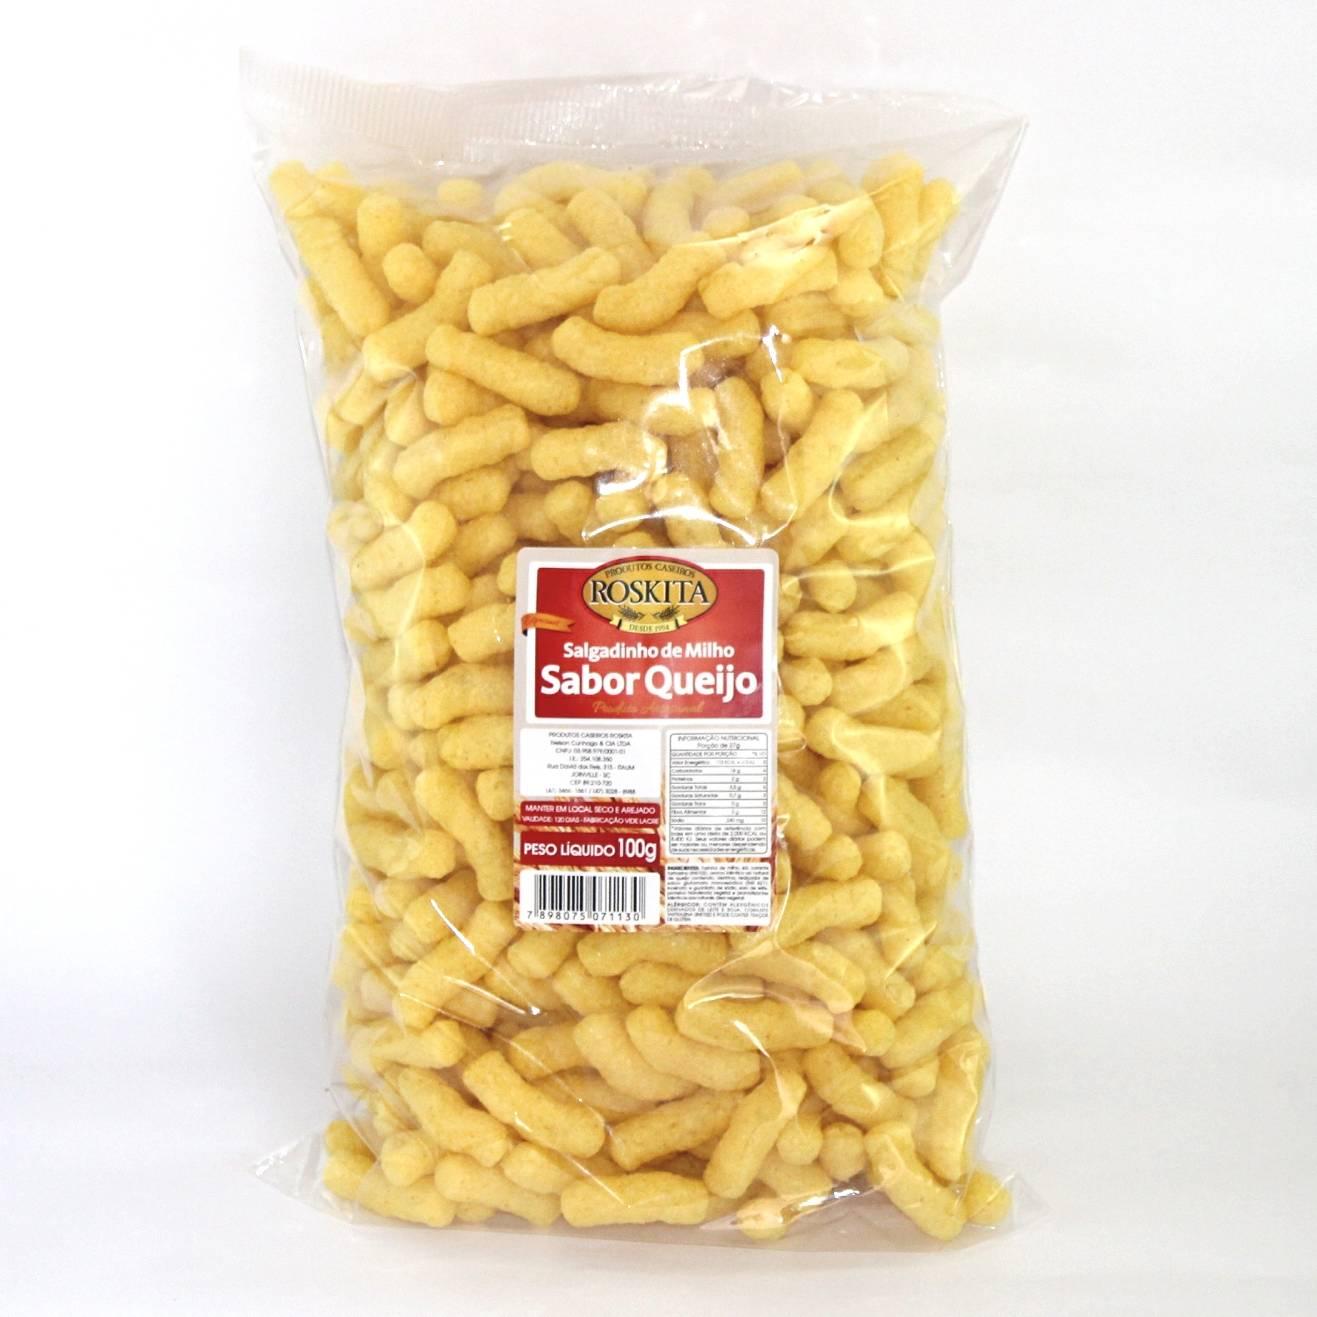 Salgadinho de Milho Sabor Queijo 100g